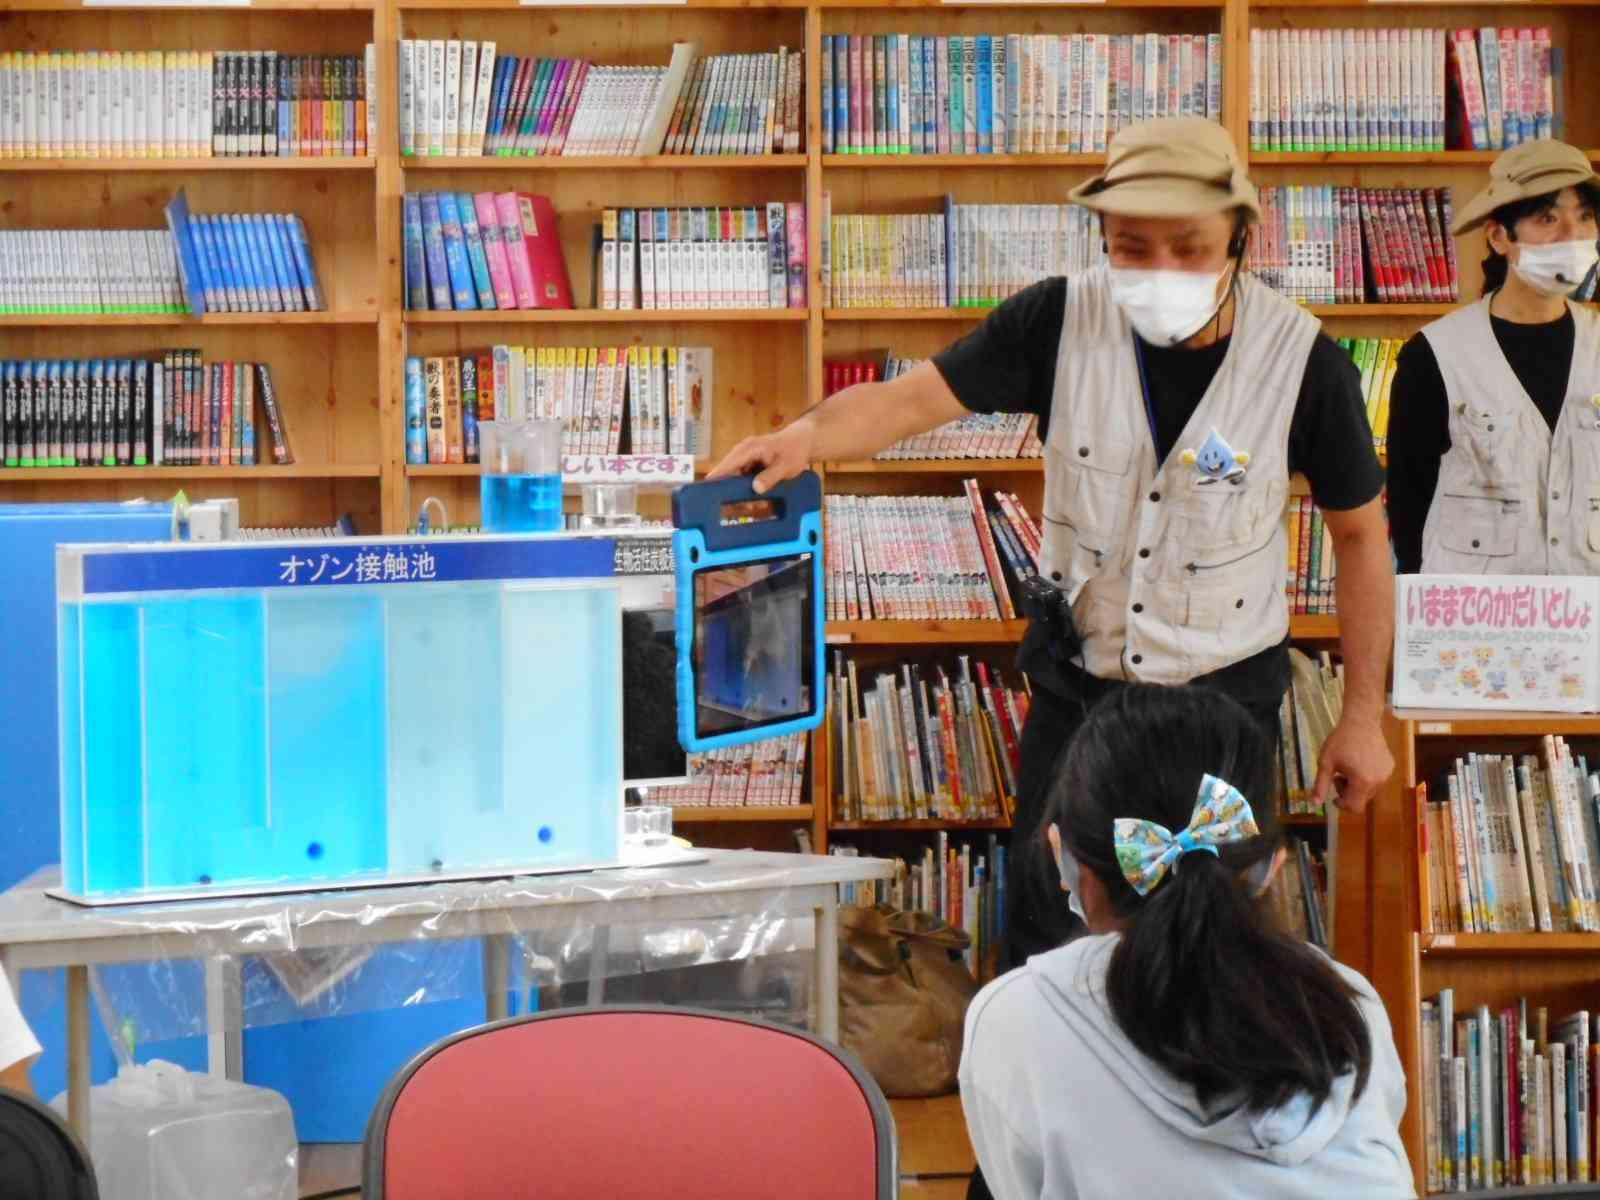 201028 4年水道キャラバン.JPG